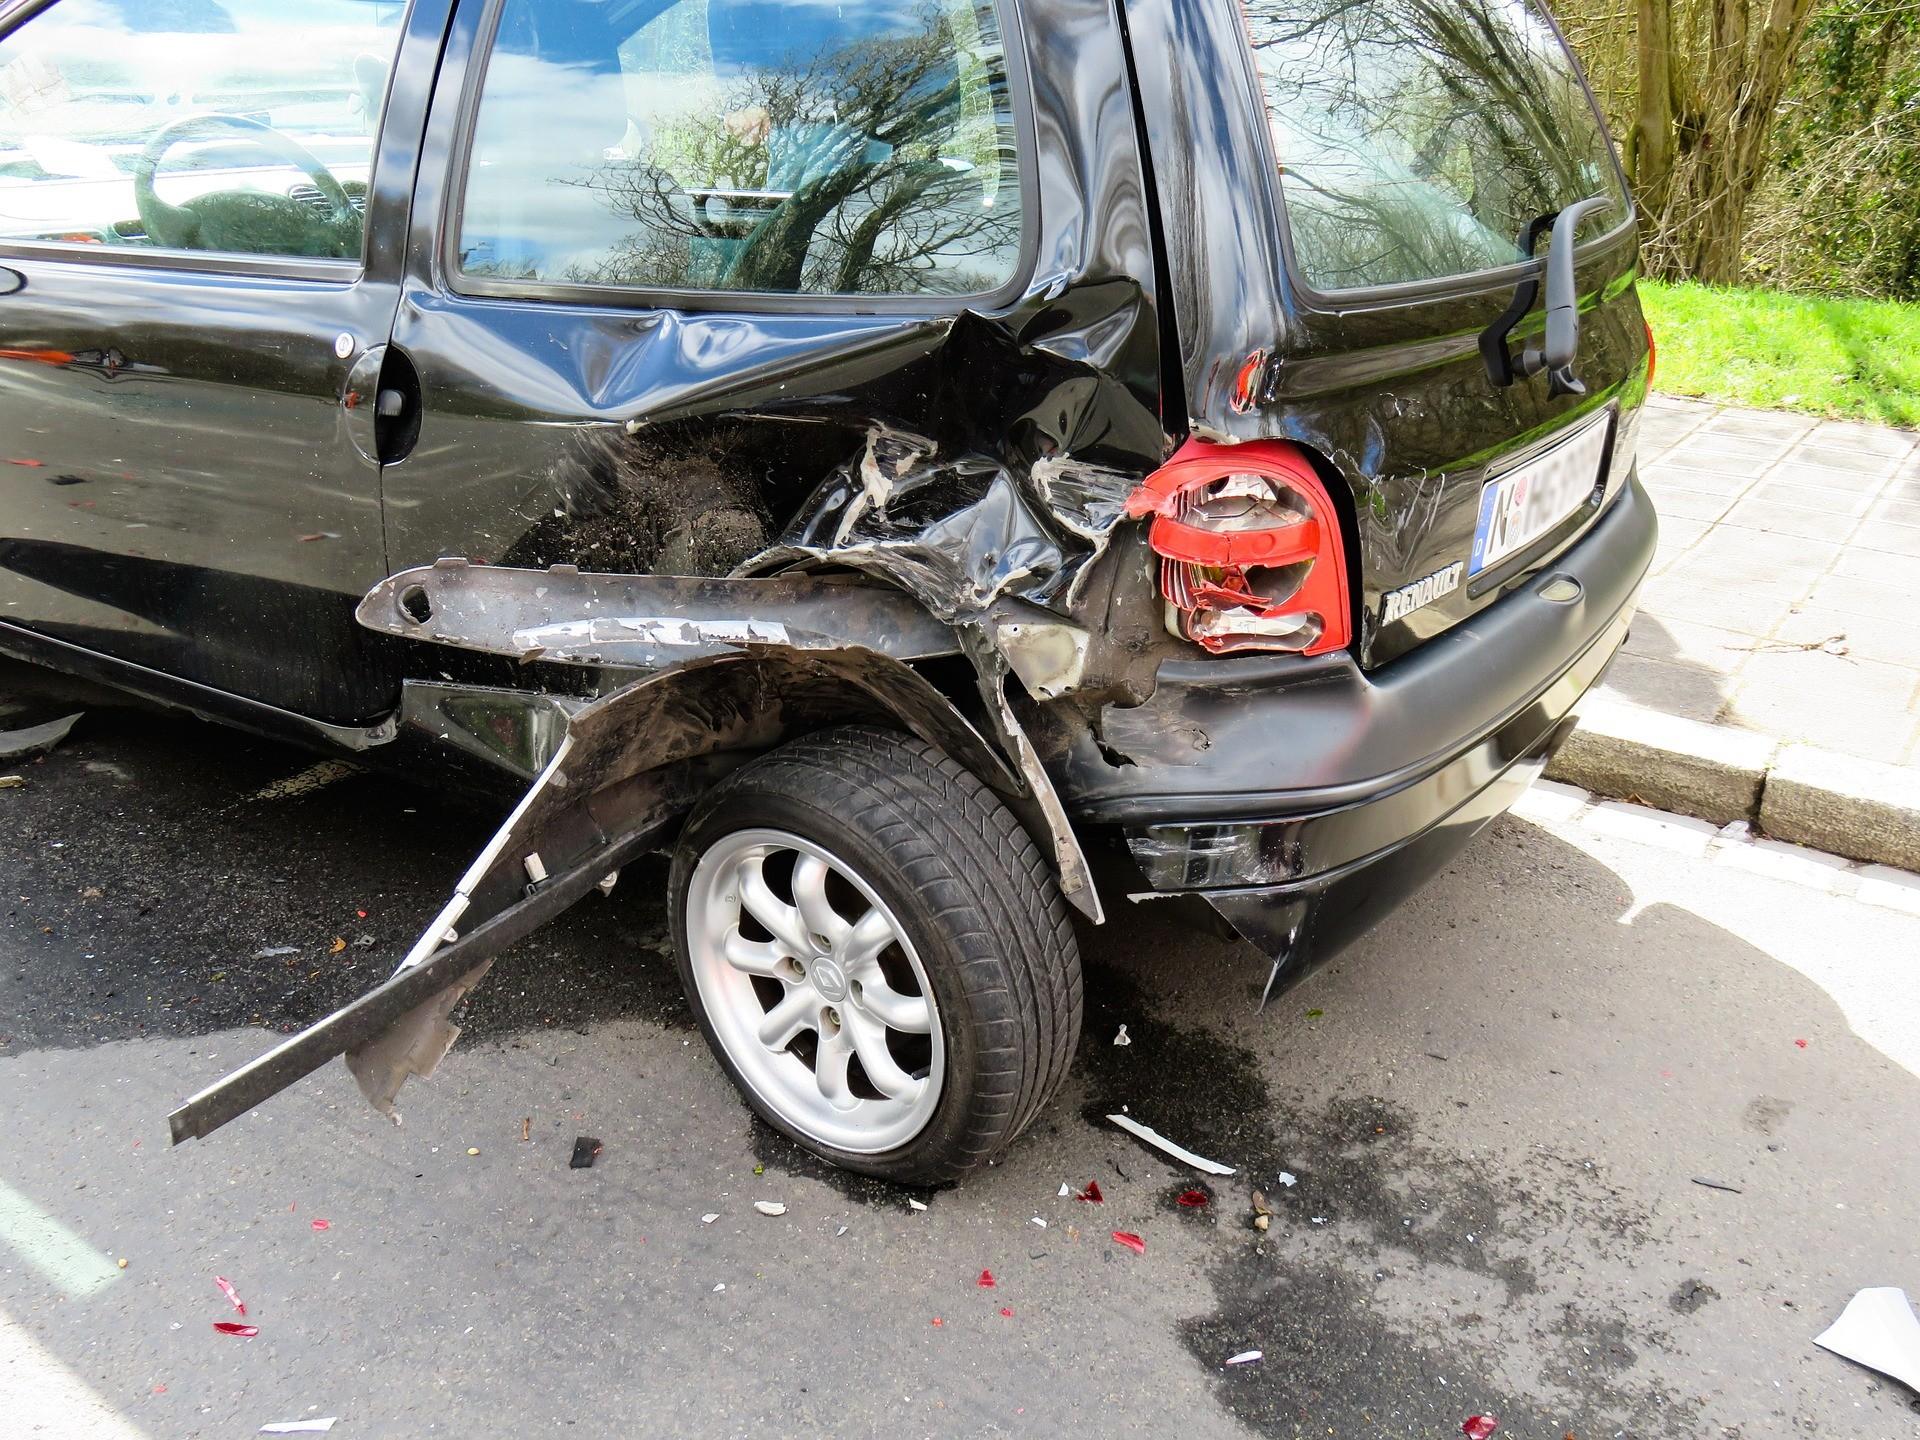 accident-1409005_1920